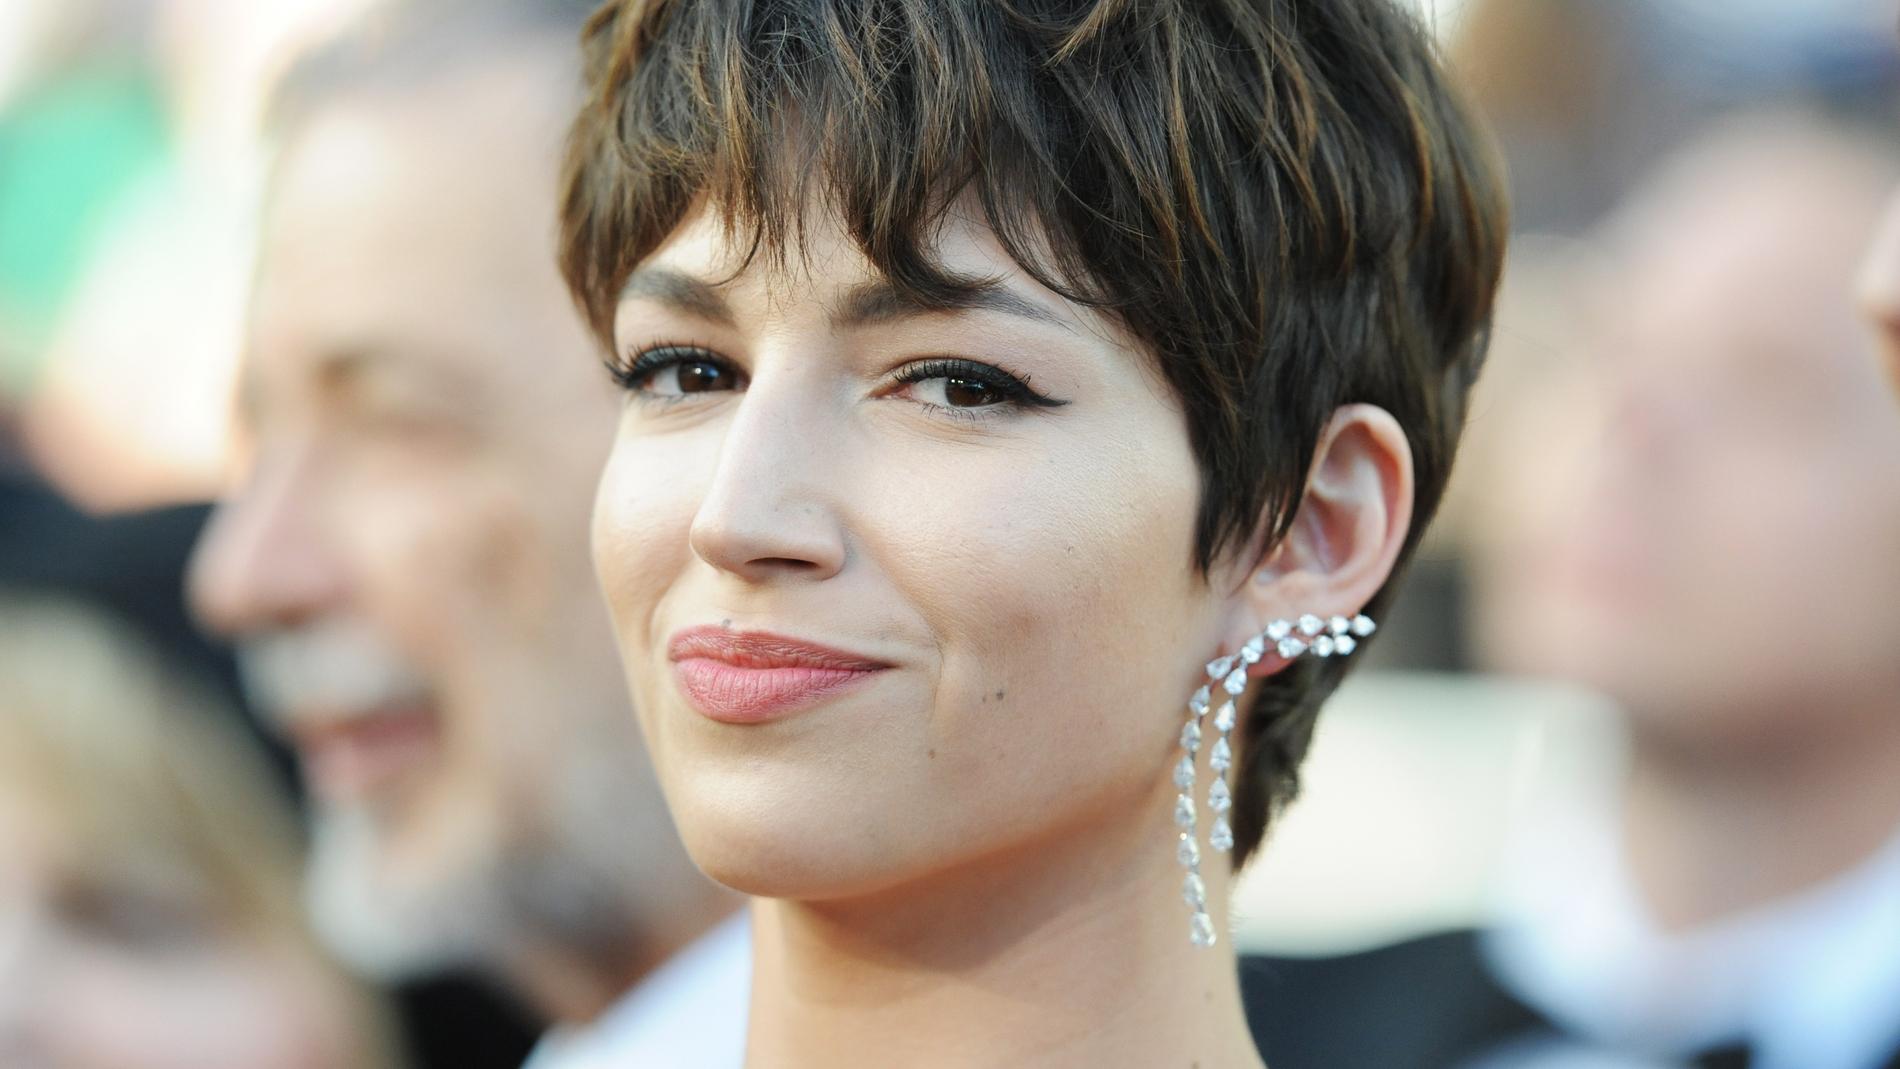 Úrsula Corberó en la alfombra roja del Festival de Cannes